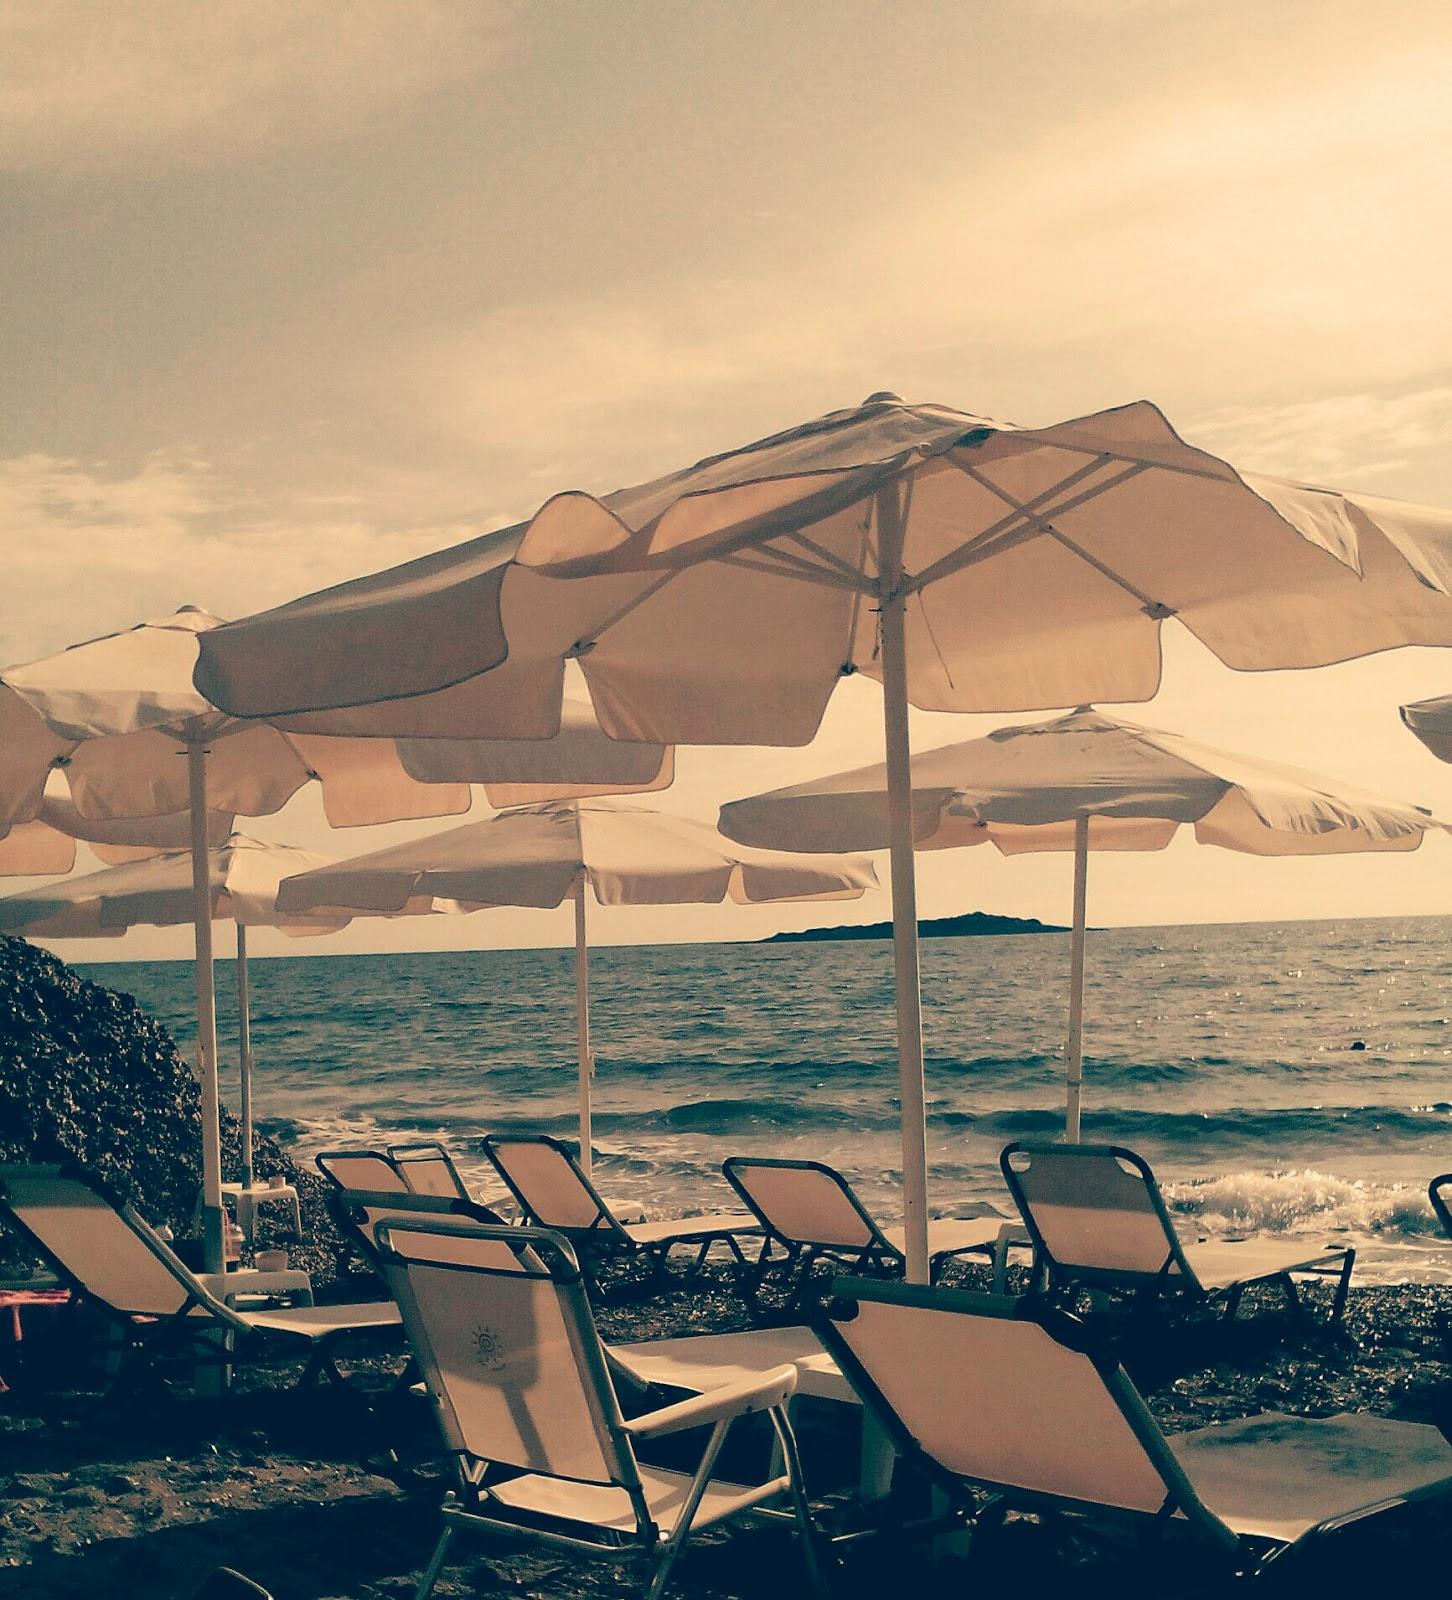 Ομπρέλες δίπλα στη θάλασσα Άγιος Ανδρέας Ηλείας